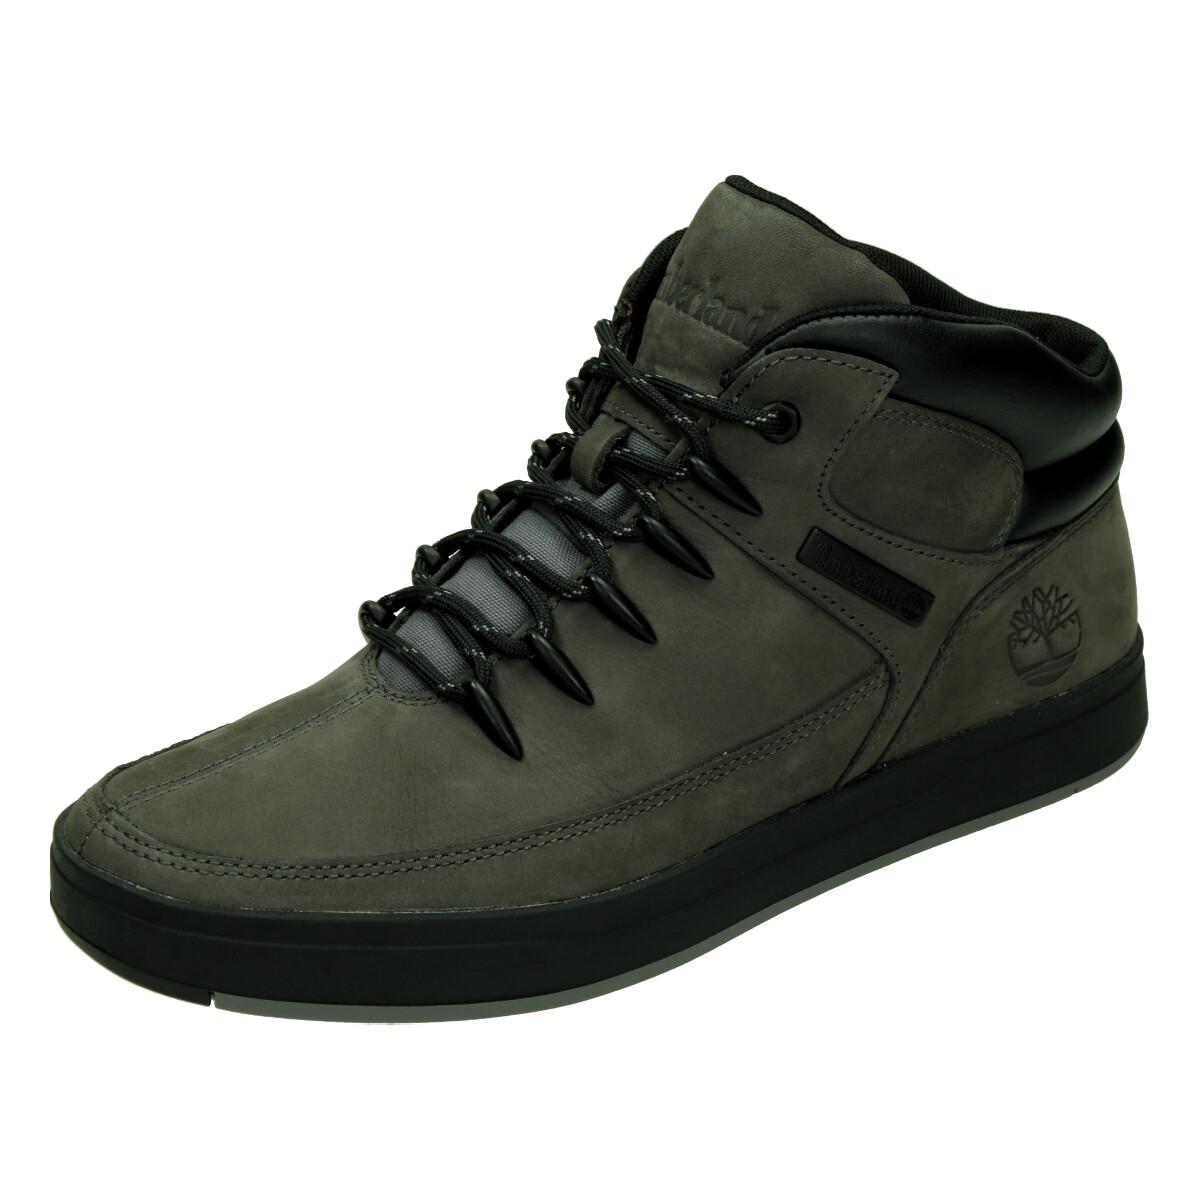 Timberland Sneakers Heren